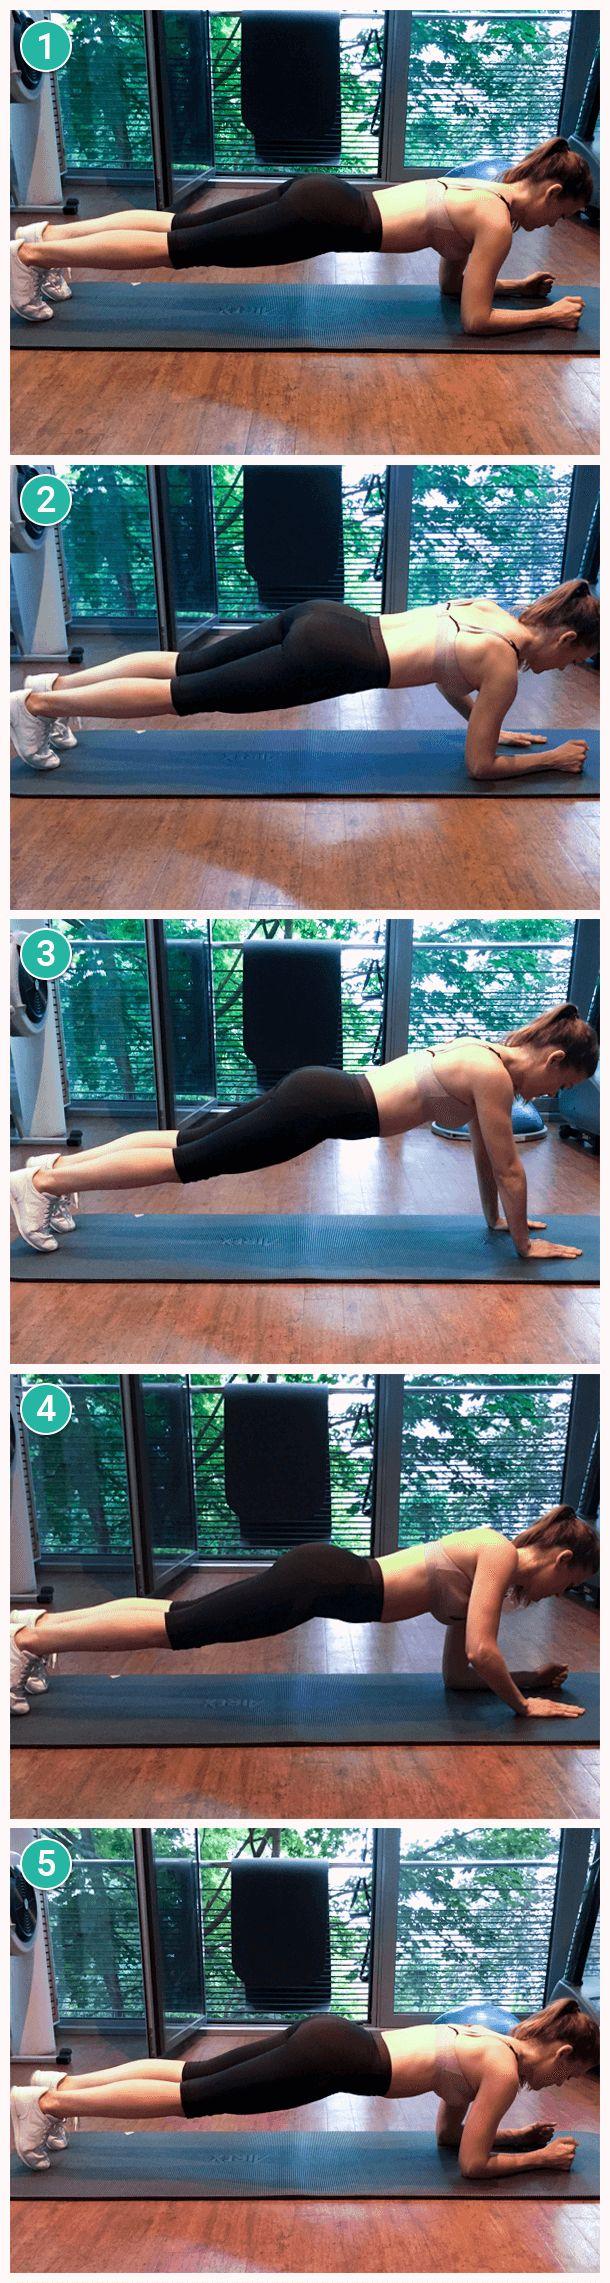 Egal ob im Bauch-Beine-Po-Kurs oder an den Geräten, die meisten Frauen konzentr…